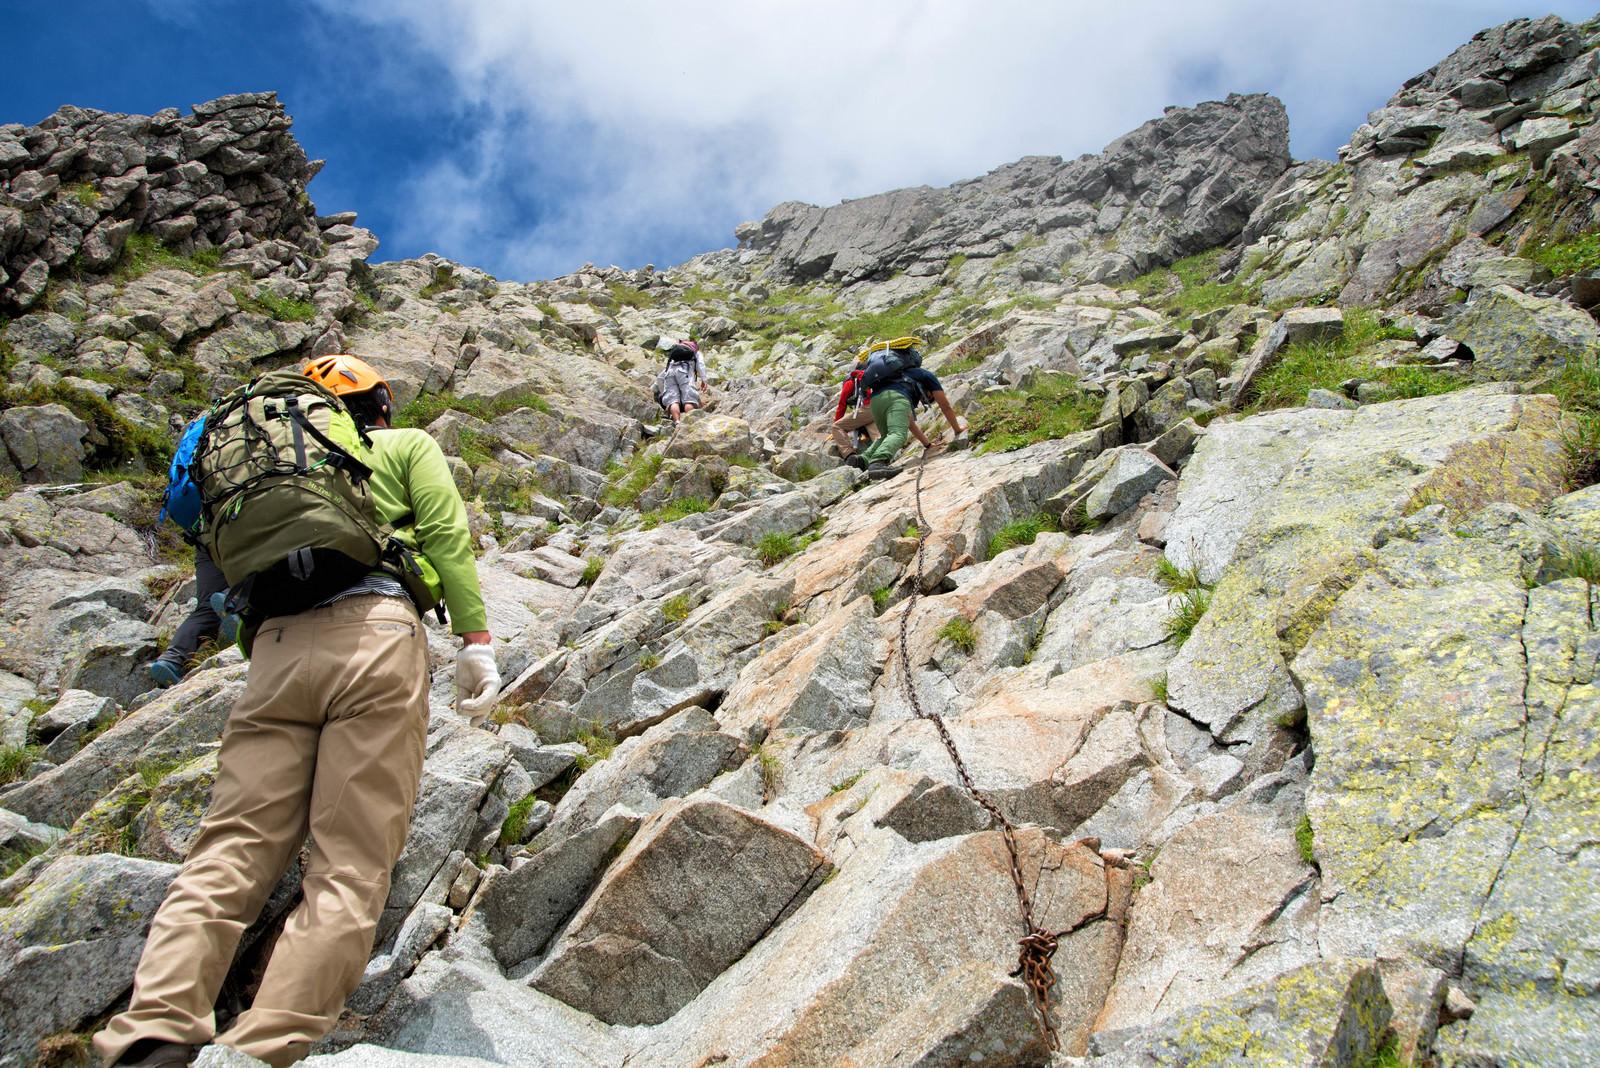 「吊尾根の鎖場で渋滞する登山者(北アルプス)」の写真